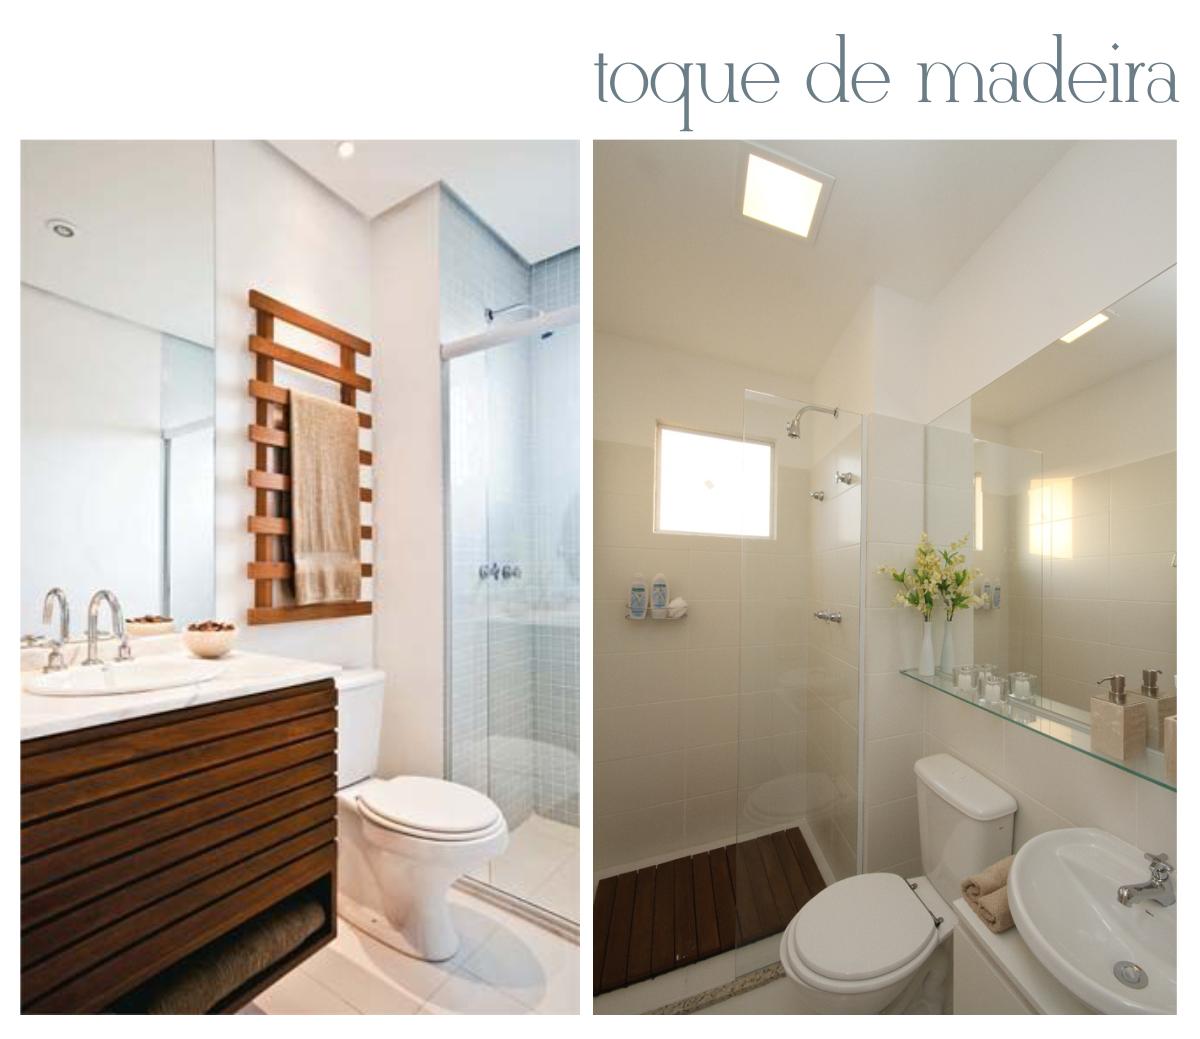 Imagens de #663C1E  decoração de banheiros. Clique nos títulos para ler cada um 1200x1039 px 3604 Banheiros Super Simples